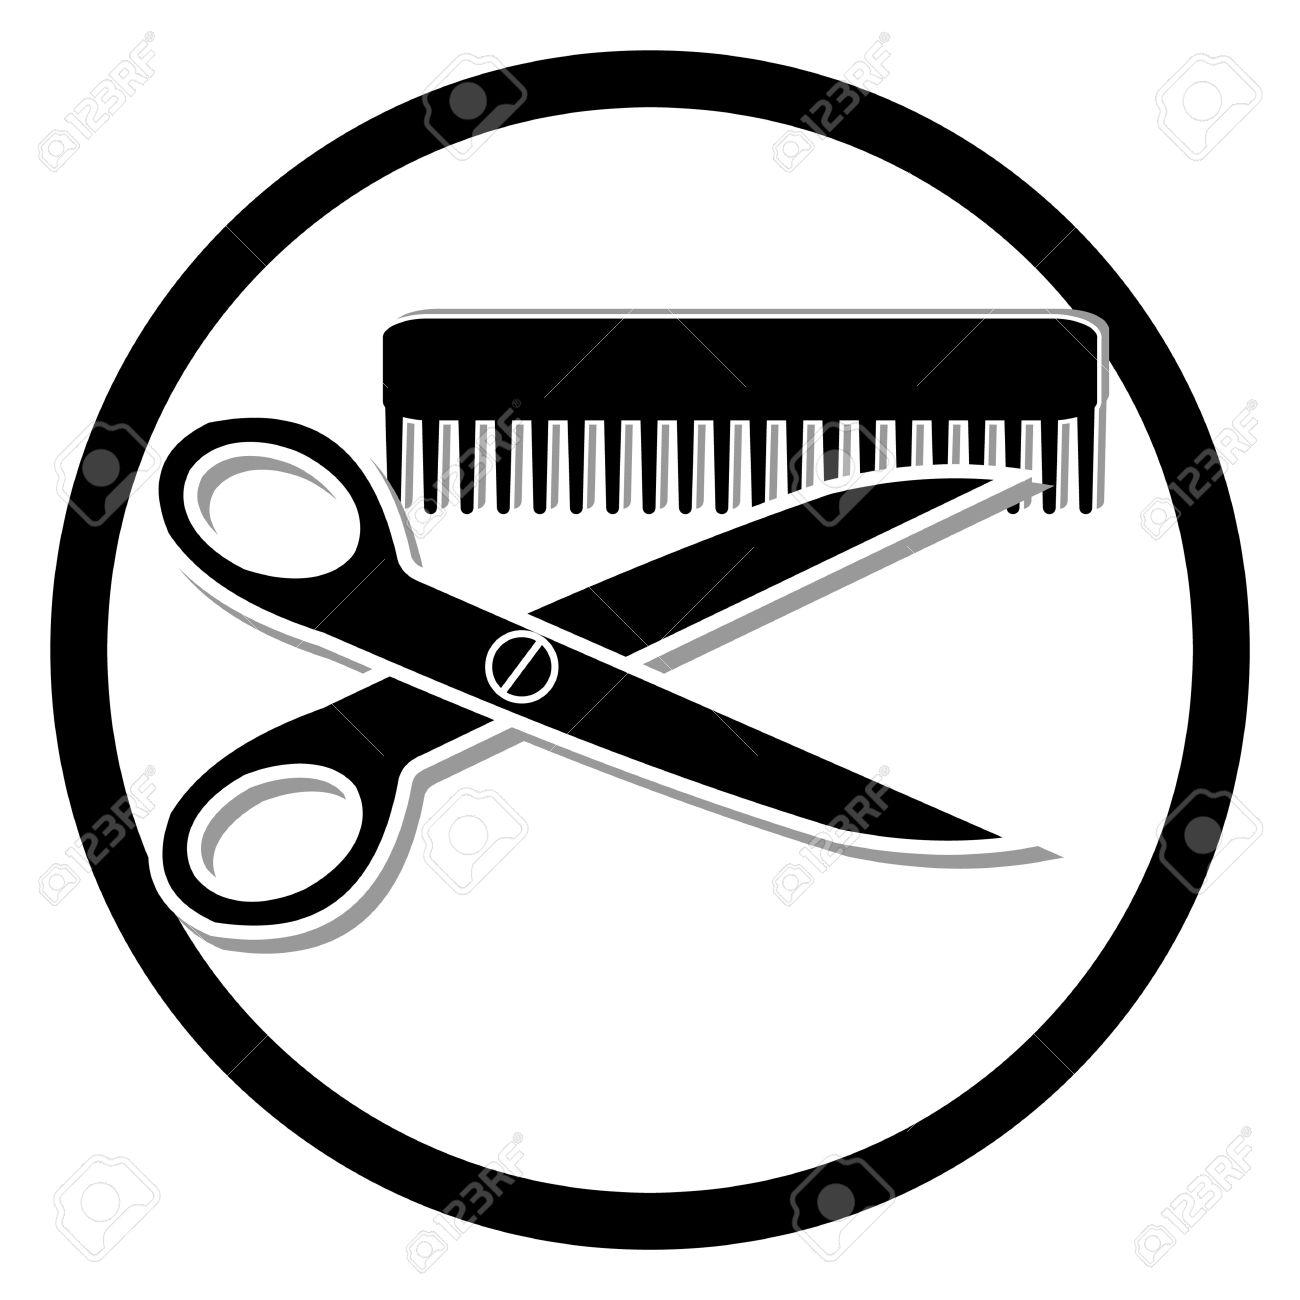 1300x1300 Haircut Or Hair Salon Symbol Royalty Free Cliparts, Vectors,